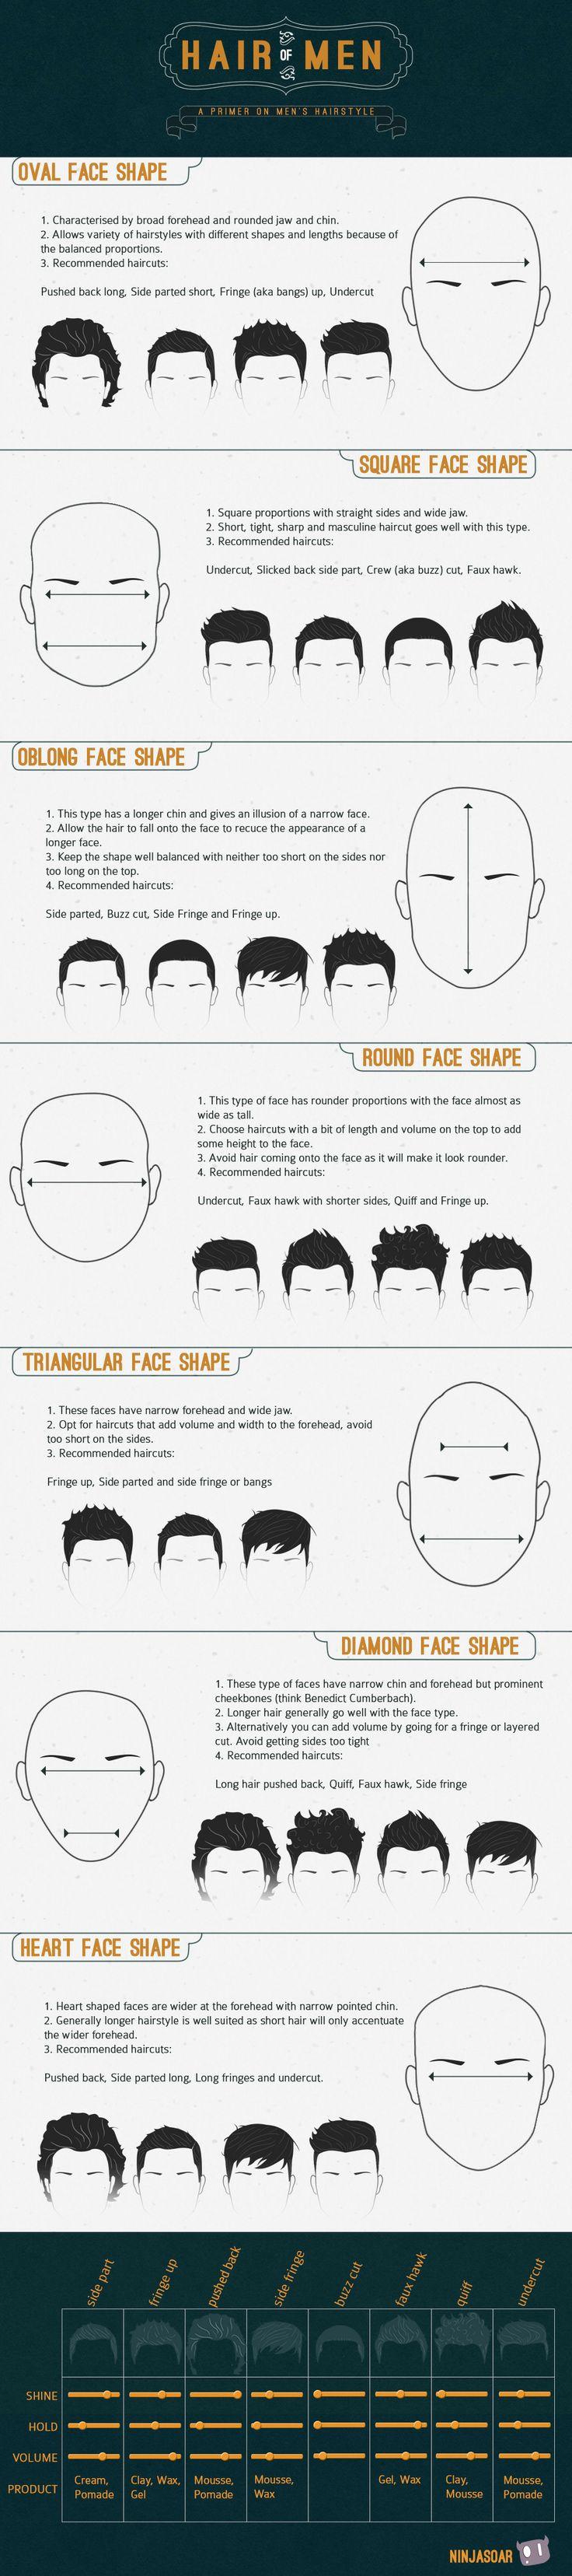 男人脸型适合什么发型?一张图片说明白发型